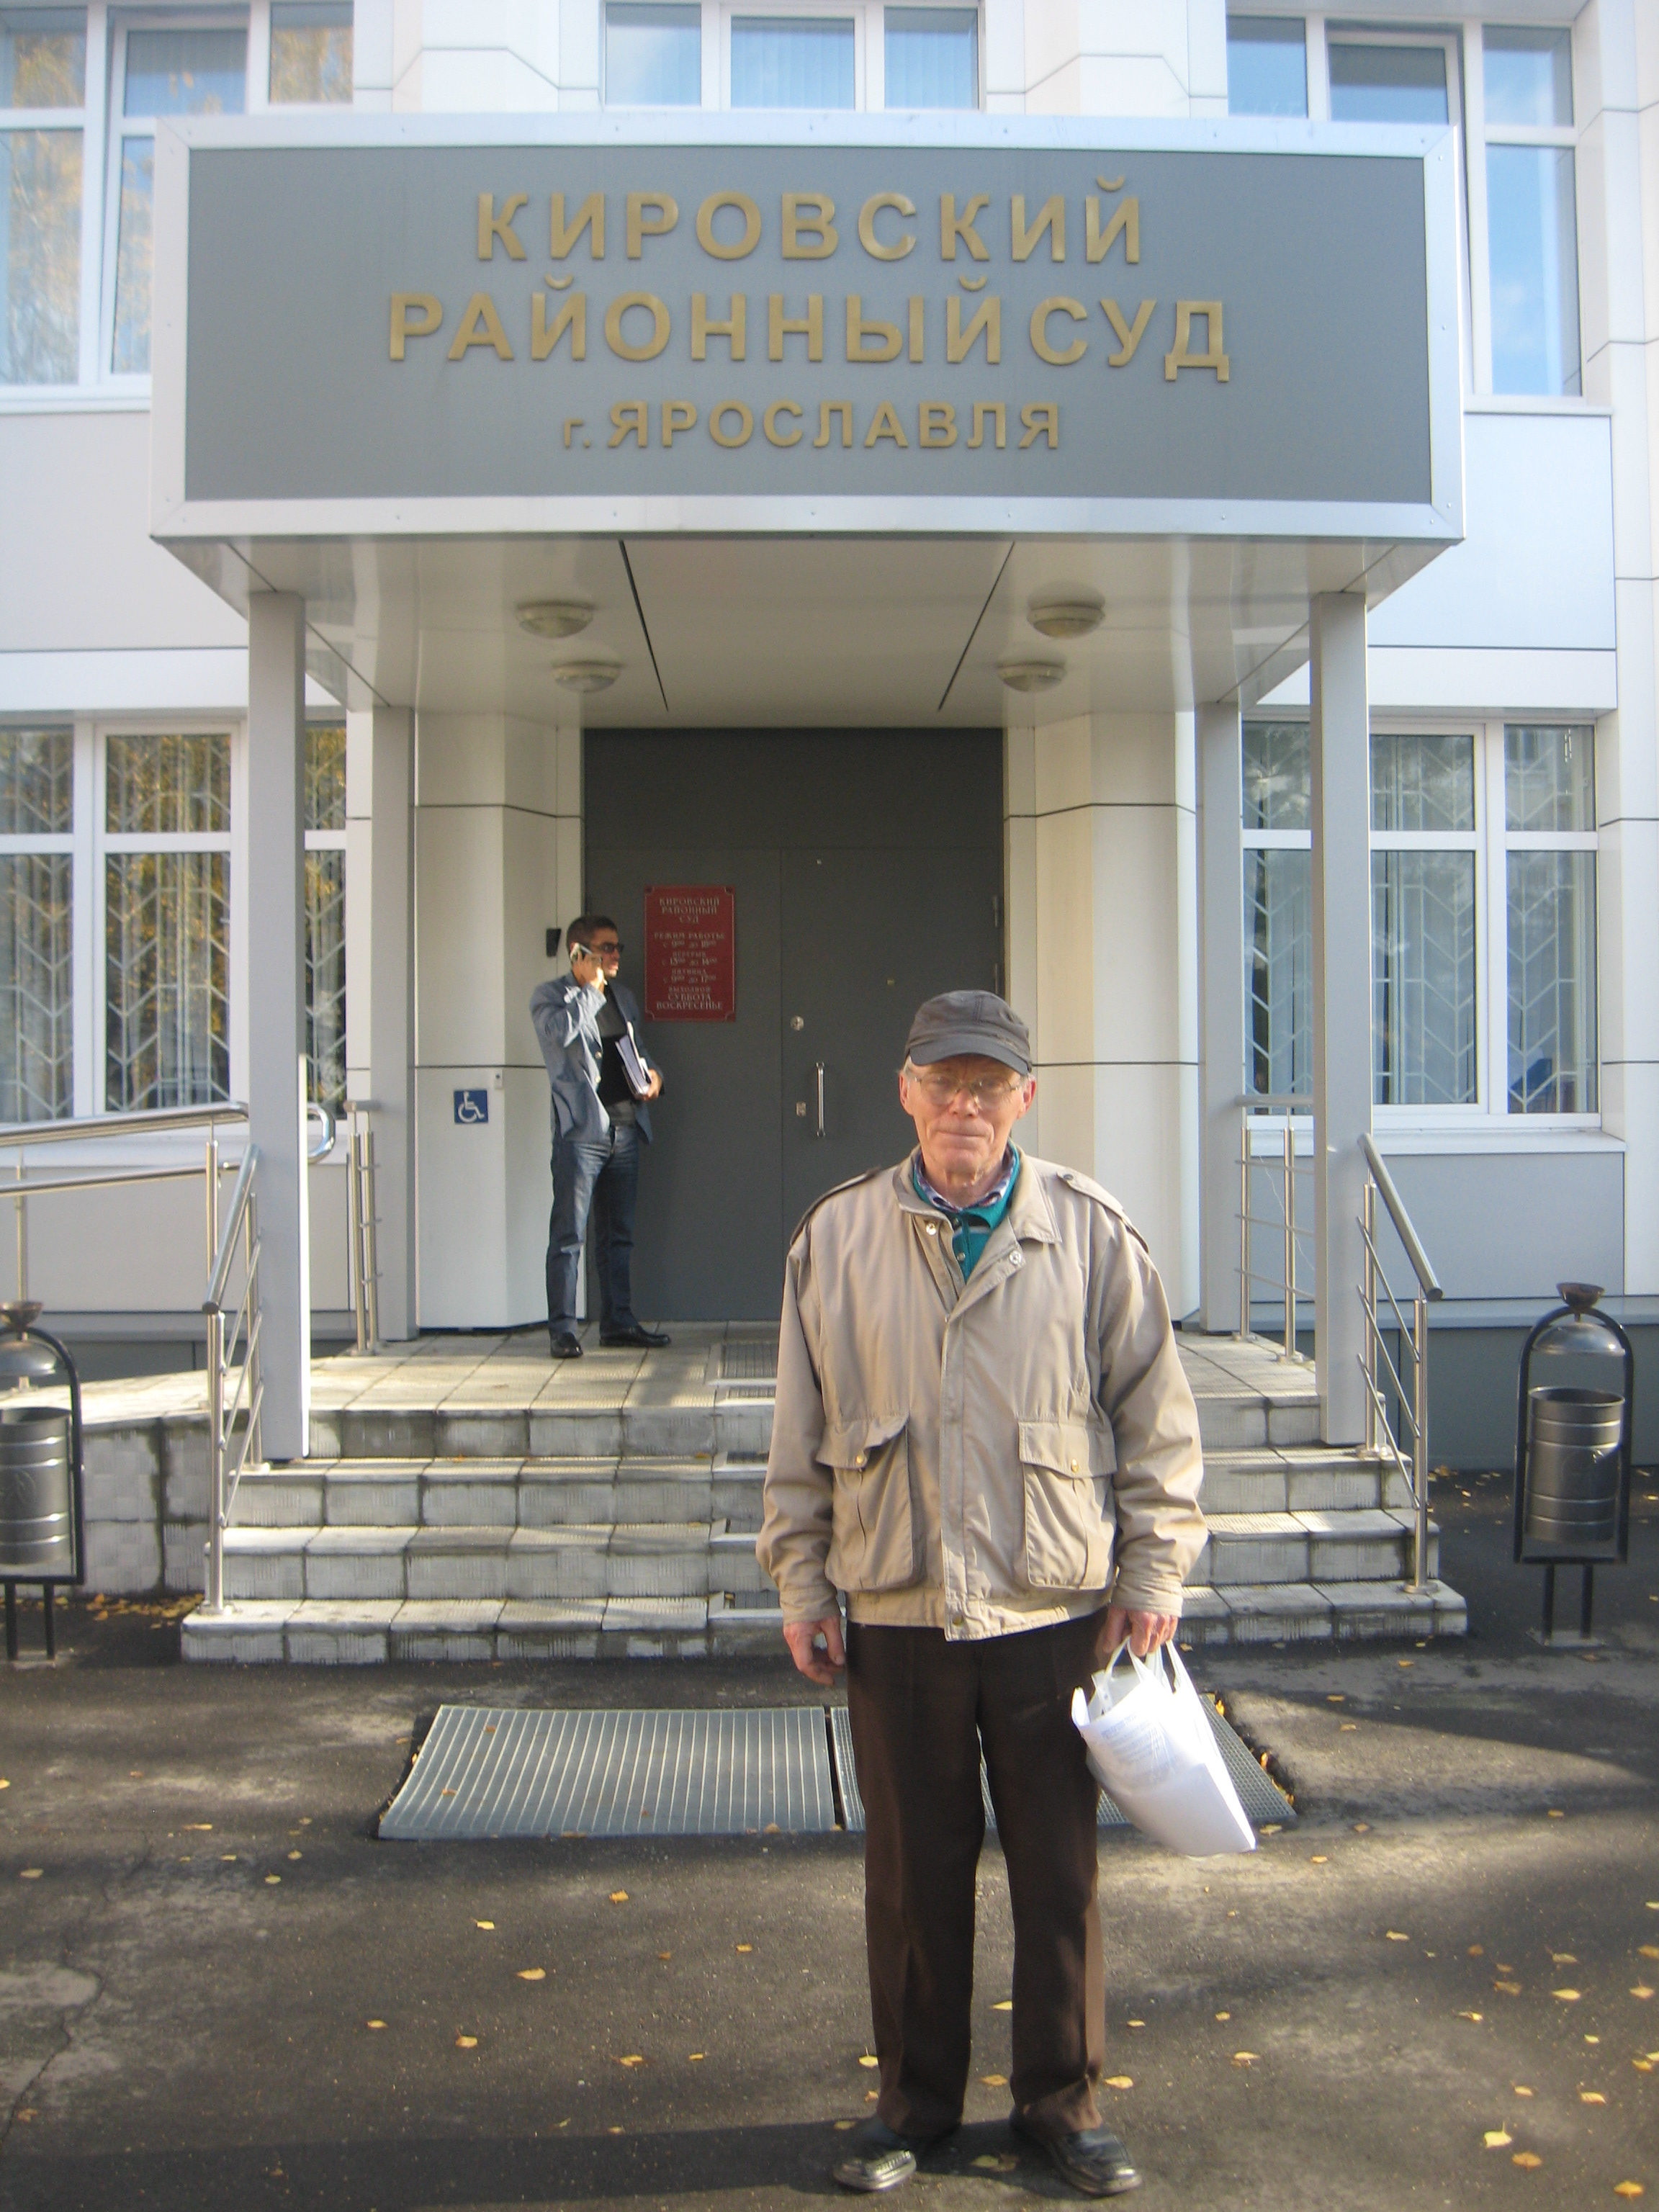 В суде рассматривался иск к губернатору и правительству Ярославской области